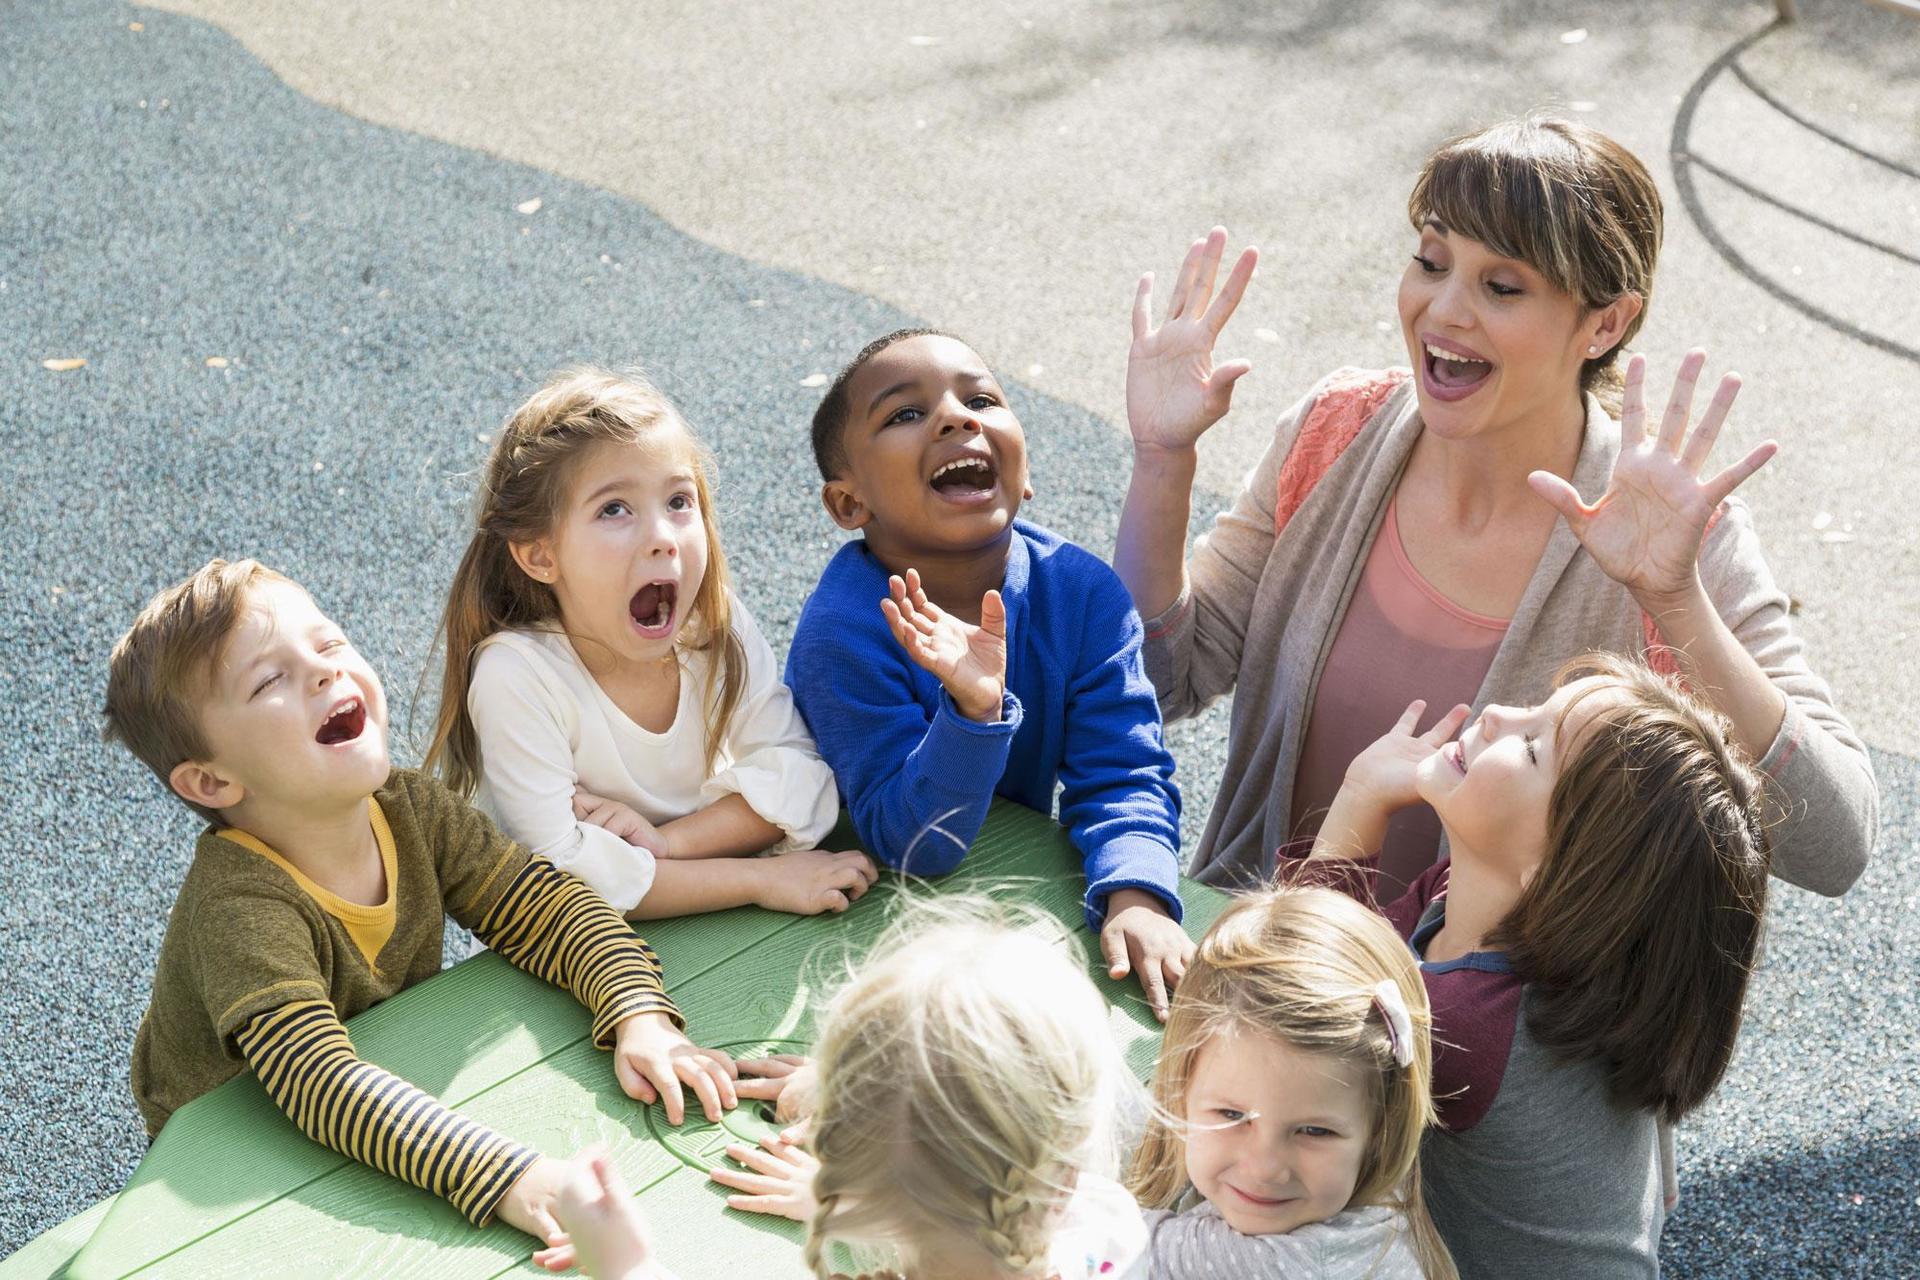 Baby-sitter giocando con i bambini